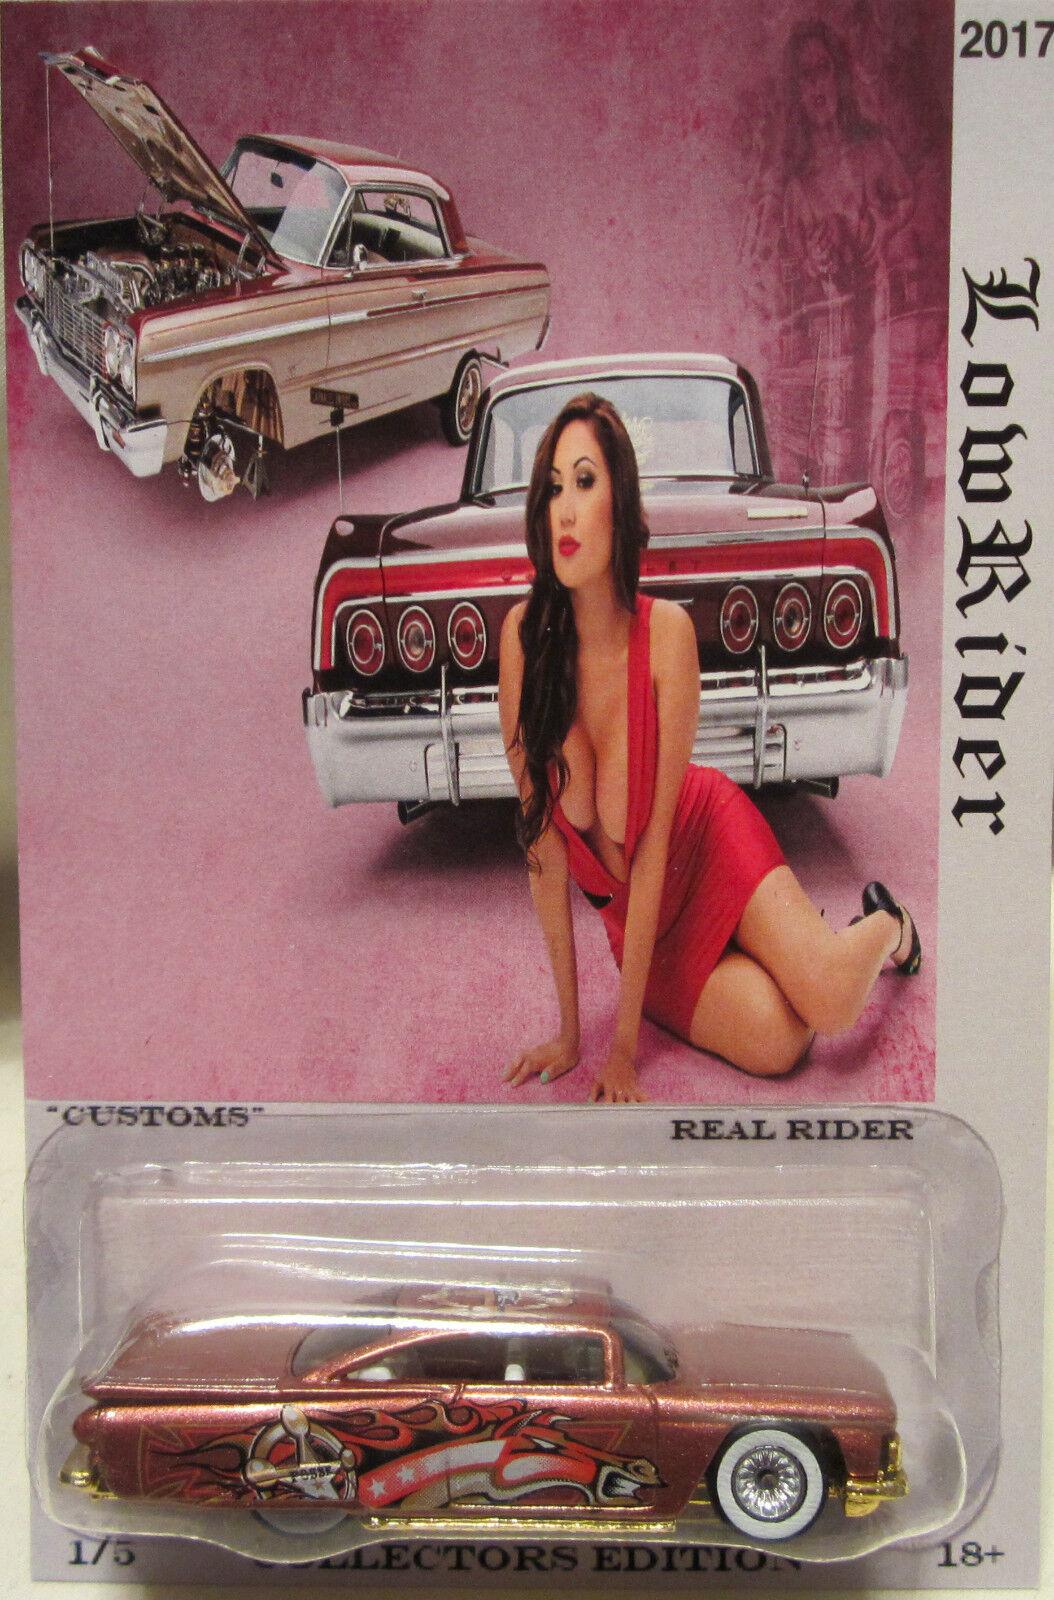 almacén al por mayor Hot Wheels a Medida '59 Chevy Impala    Nadadores Profundos  Real Riders Limitado  descuento de ventas